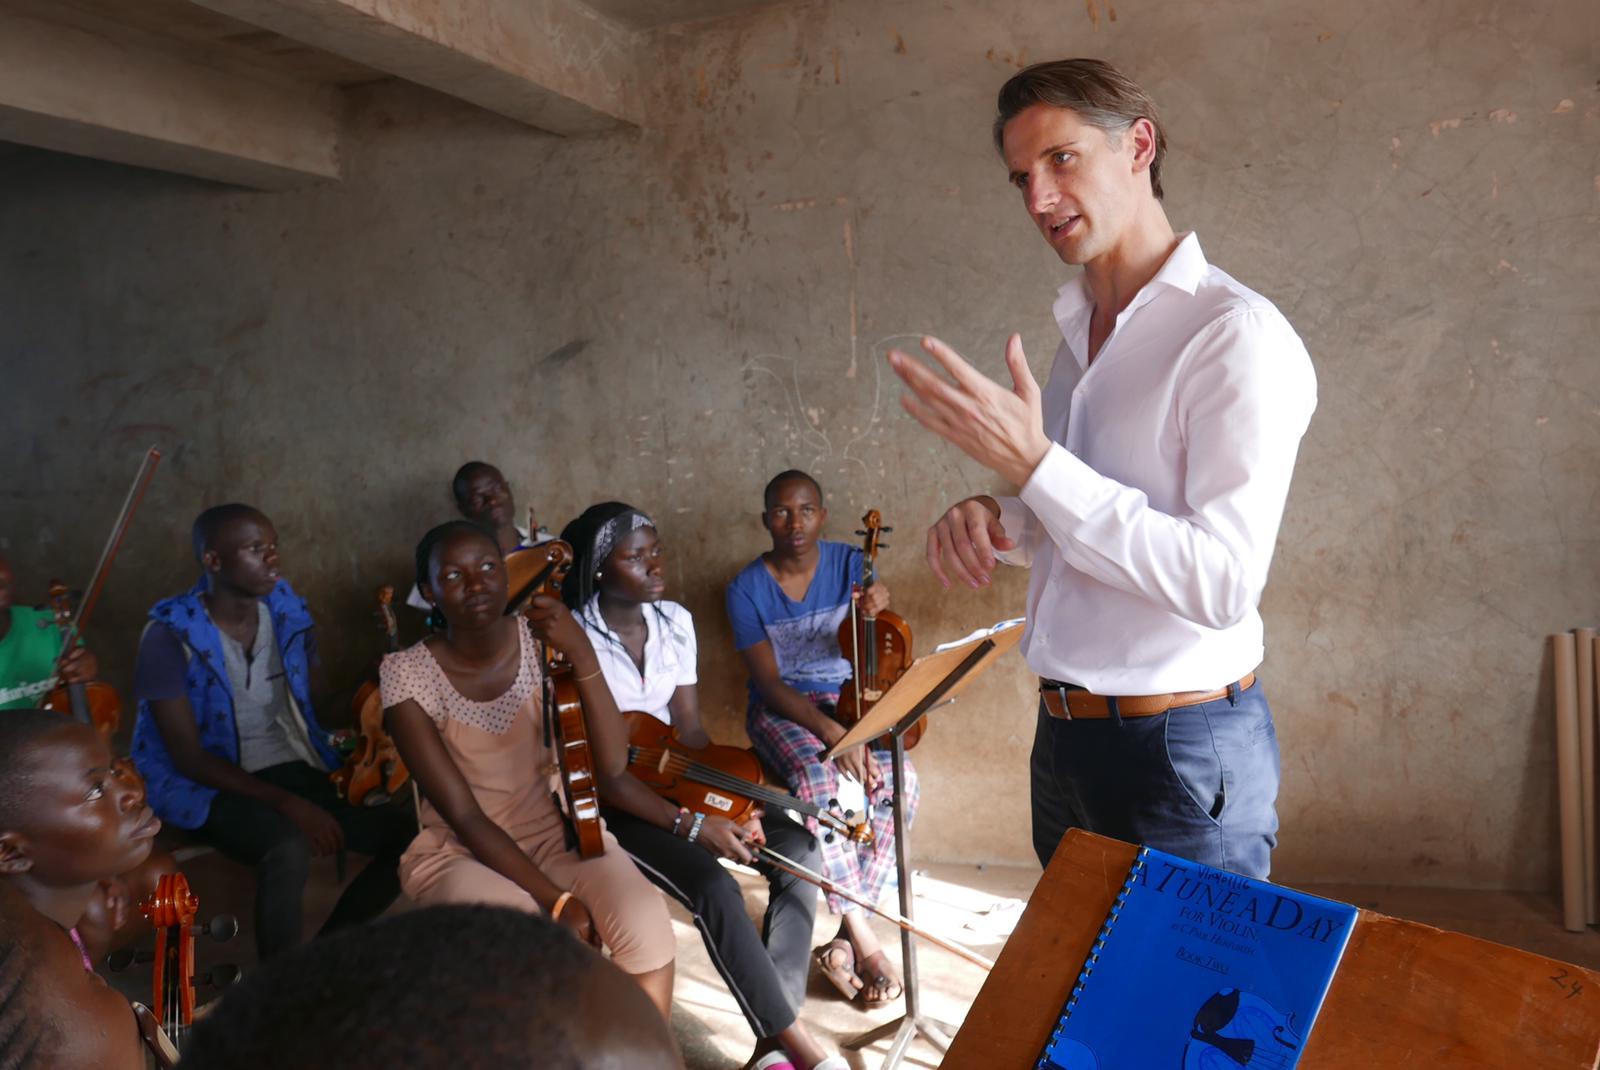 Johannes-Fleischmann-Kenia.jpeg